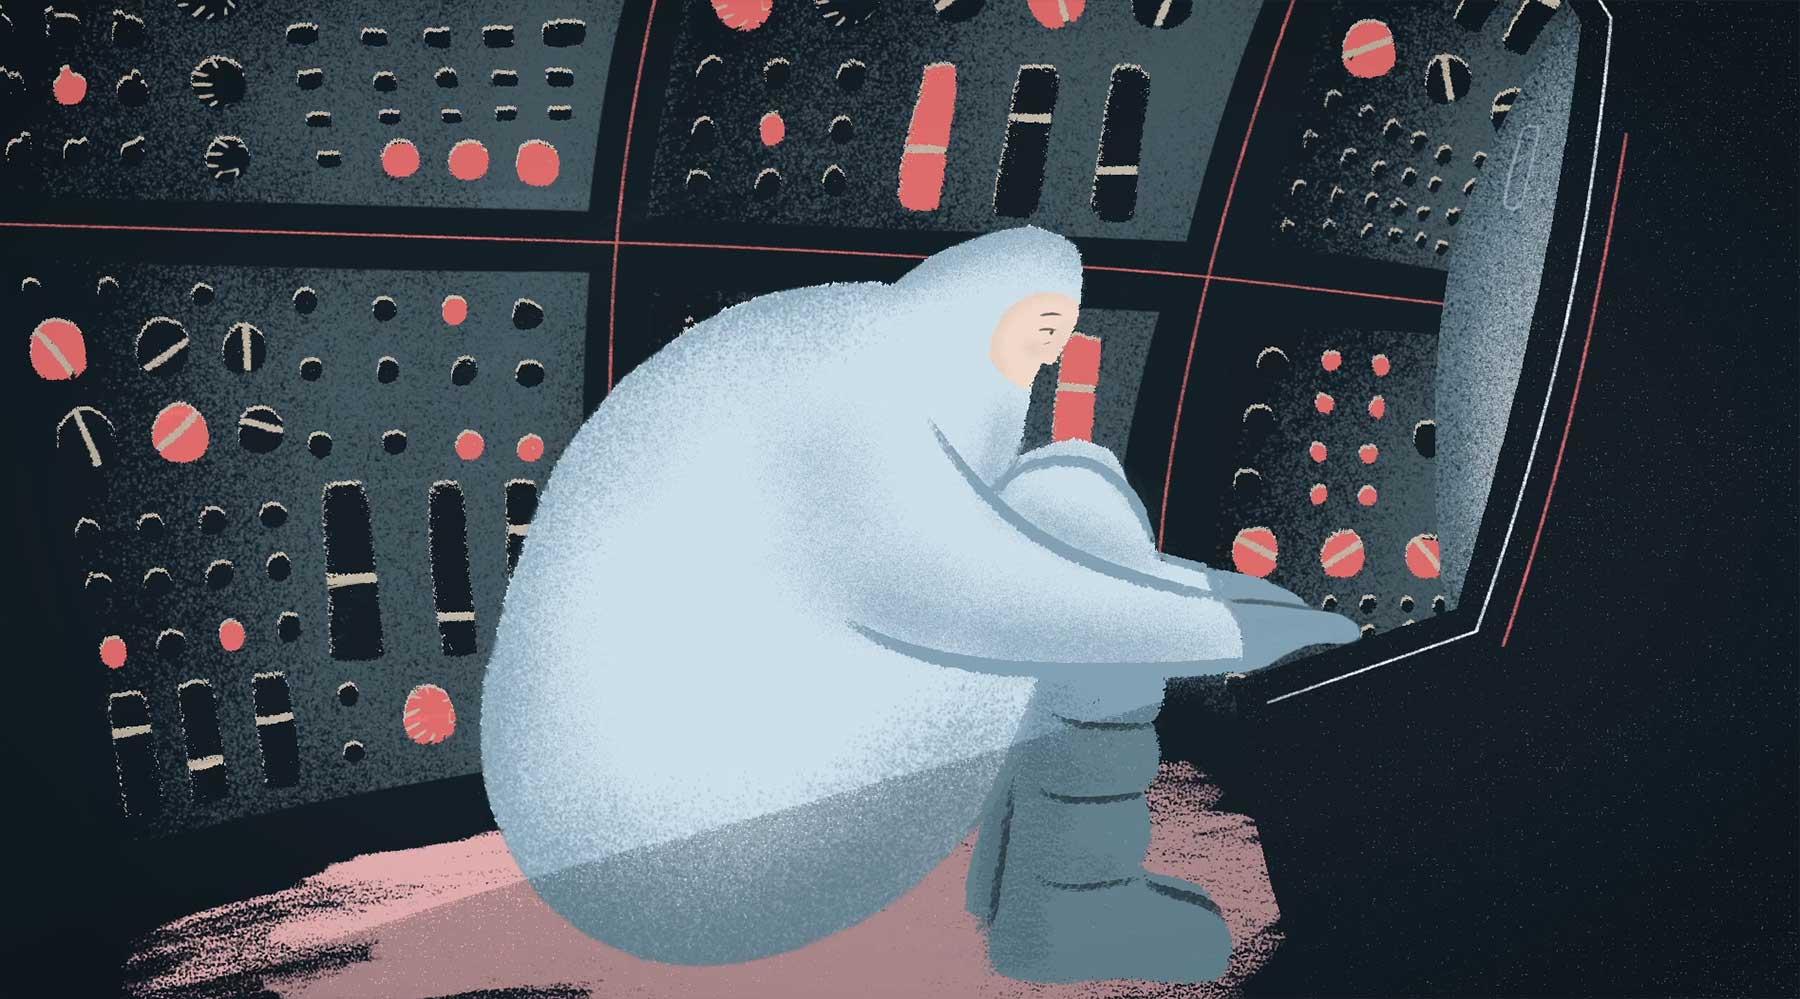 Einsamer Astronaut auf der Suche nach Gesellschaft